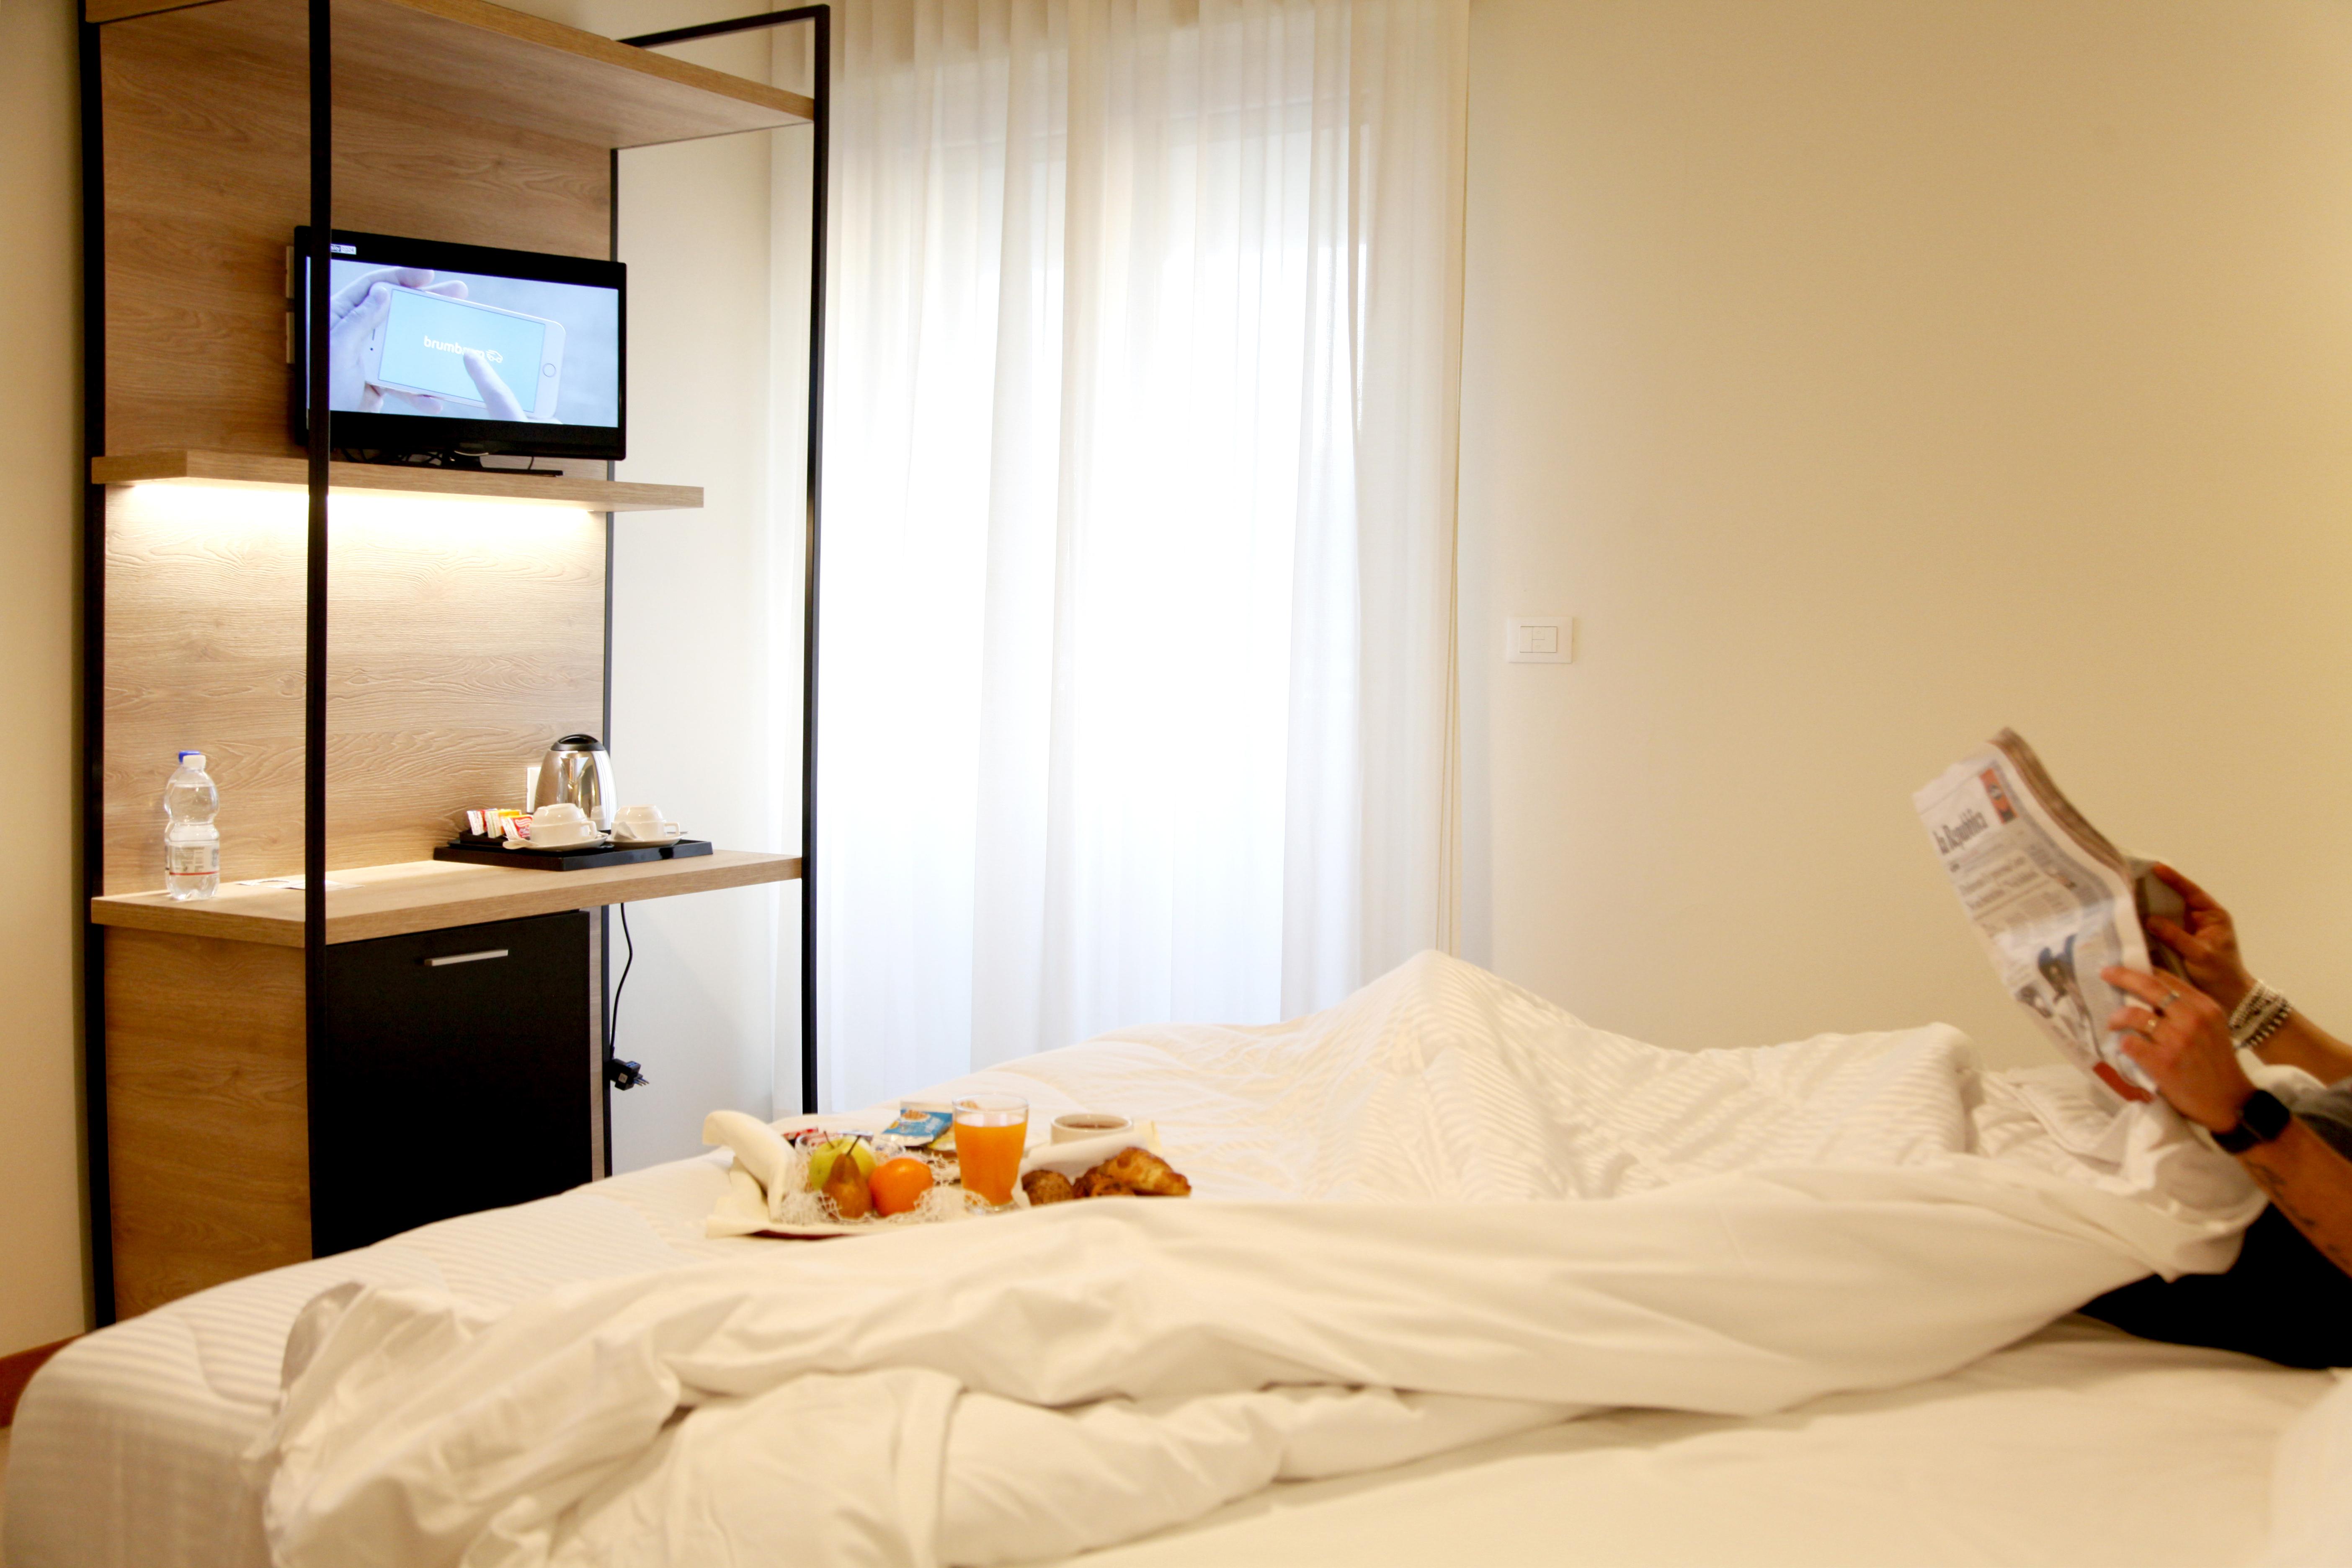 Camera Sup. Hotel Majorca Riccione